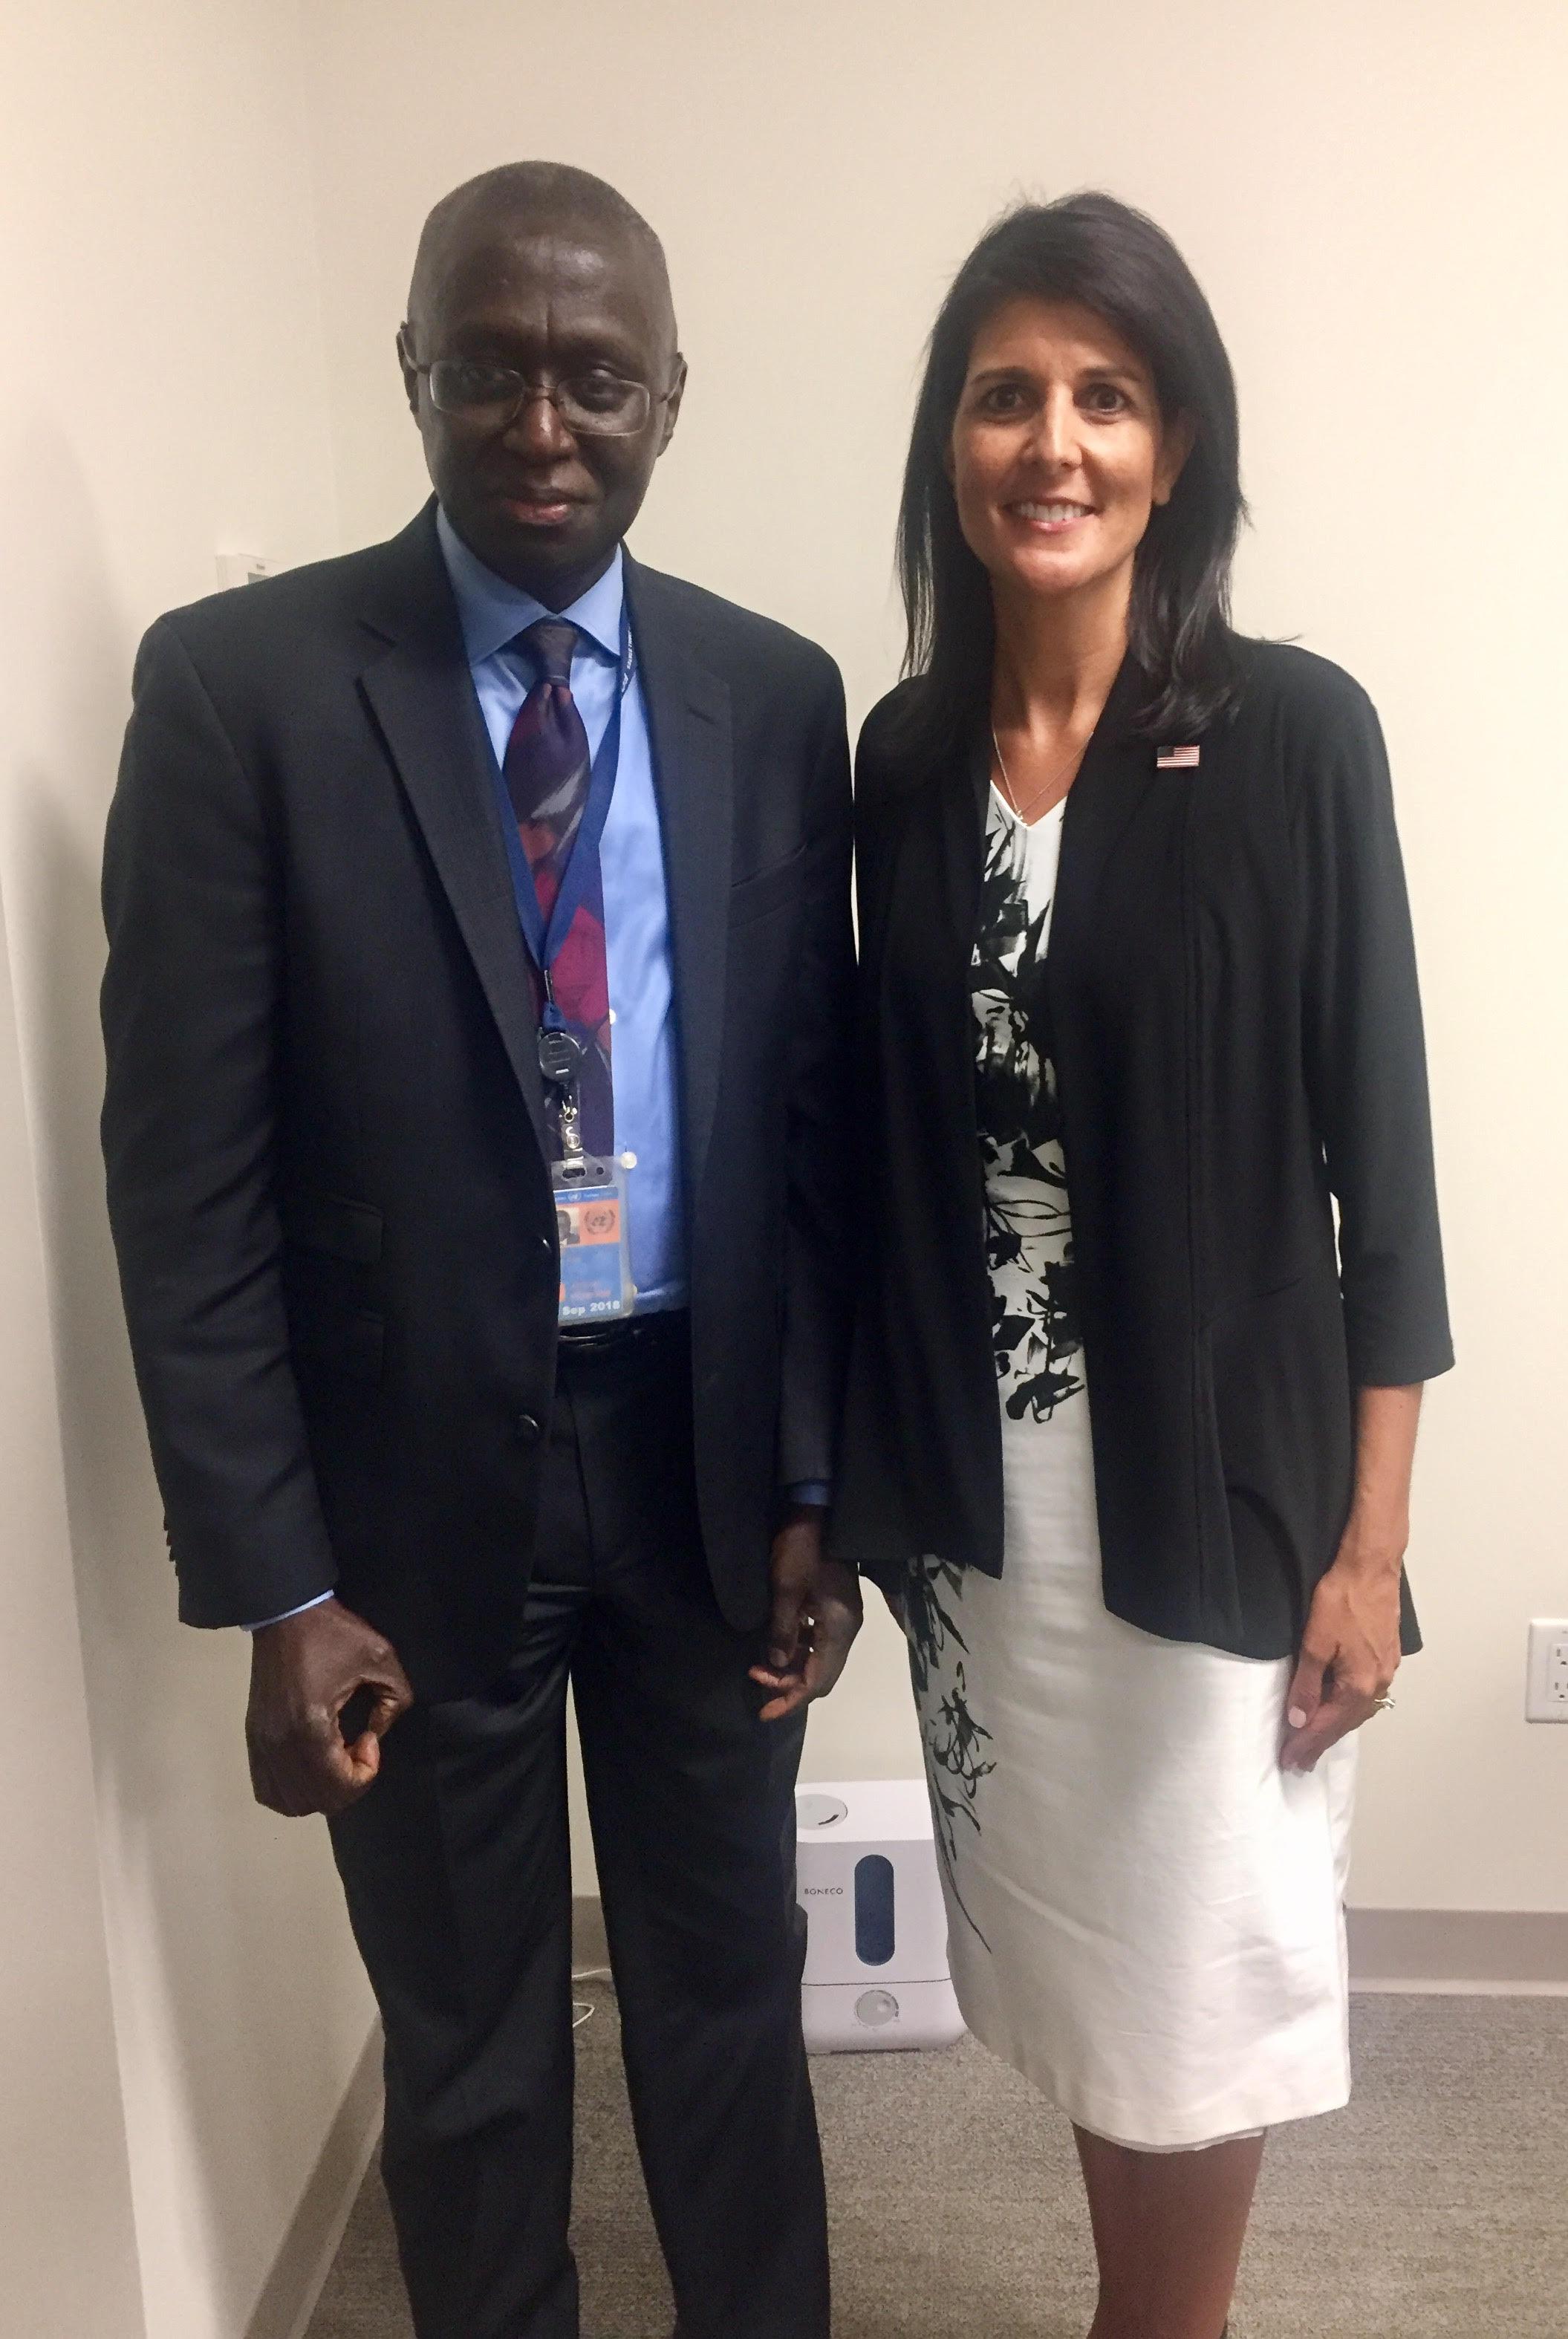 L'ambassadeur Fodé Seck et Nikki Haley, représentante permanente des Nations Unies